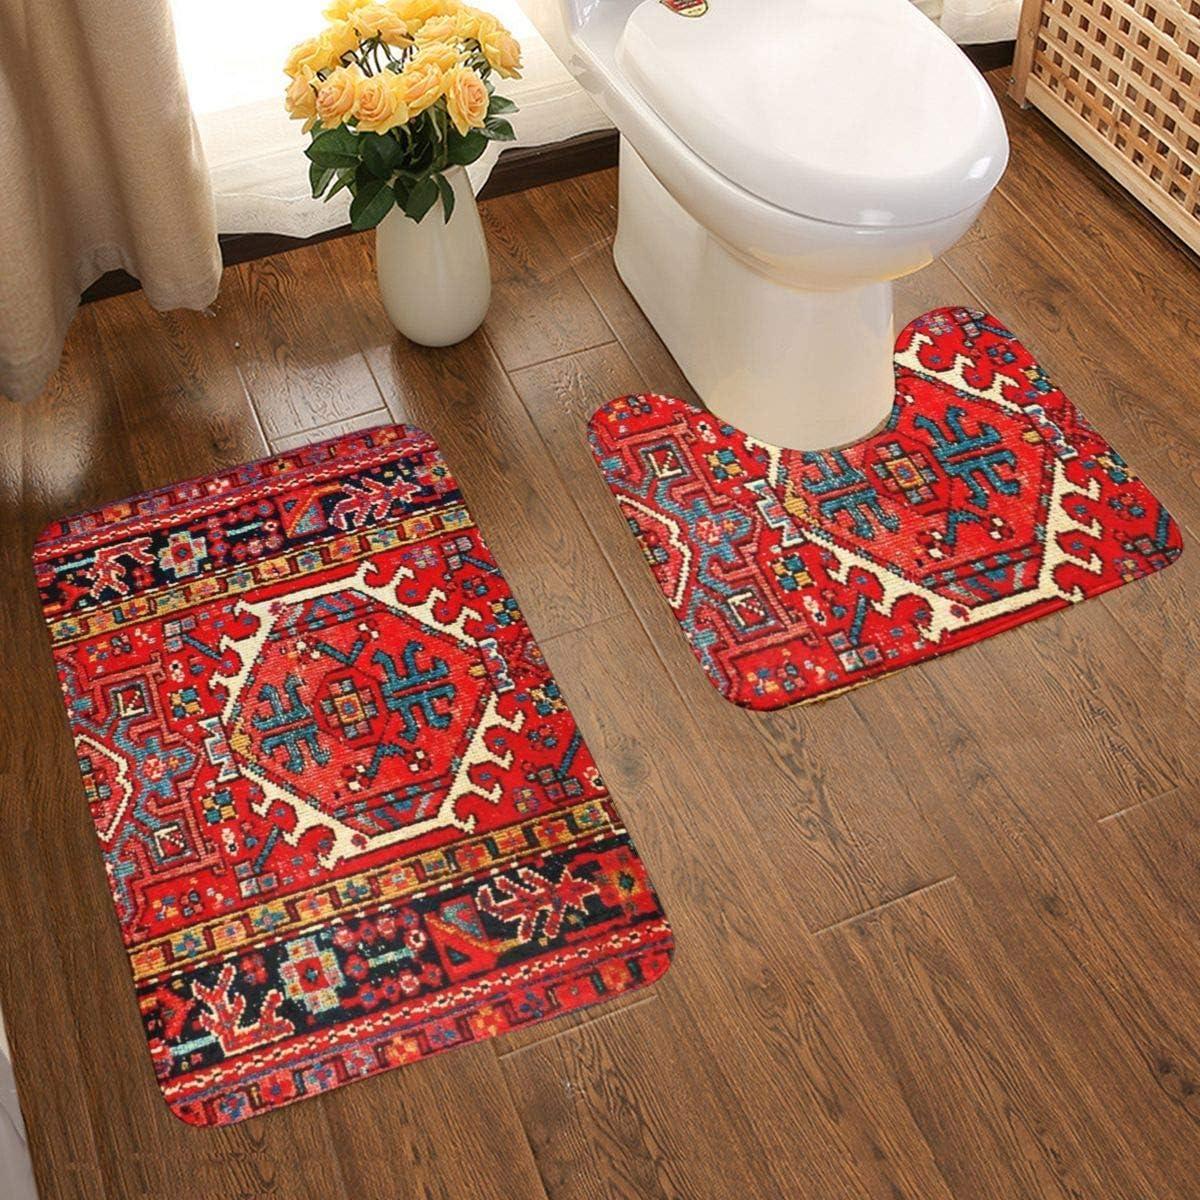 20 teiliges Badezimmerteppich Set Iran Persisch Orientalisch Iranisch Ethno  Traditionelle Tribal Badematte Set Weich Rutschfest Badteppich 20 x 20 cm  ...